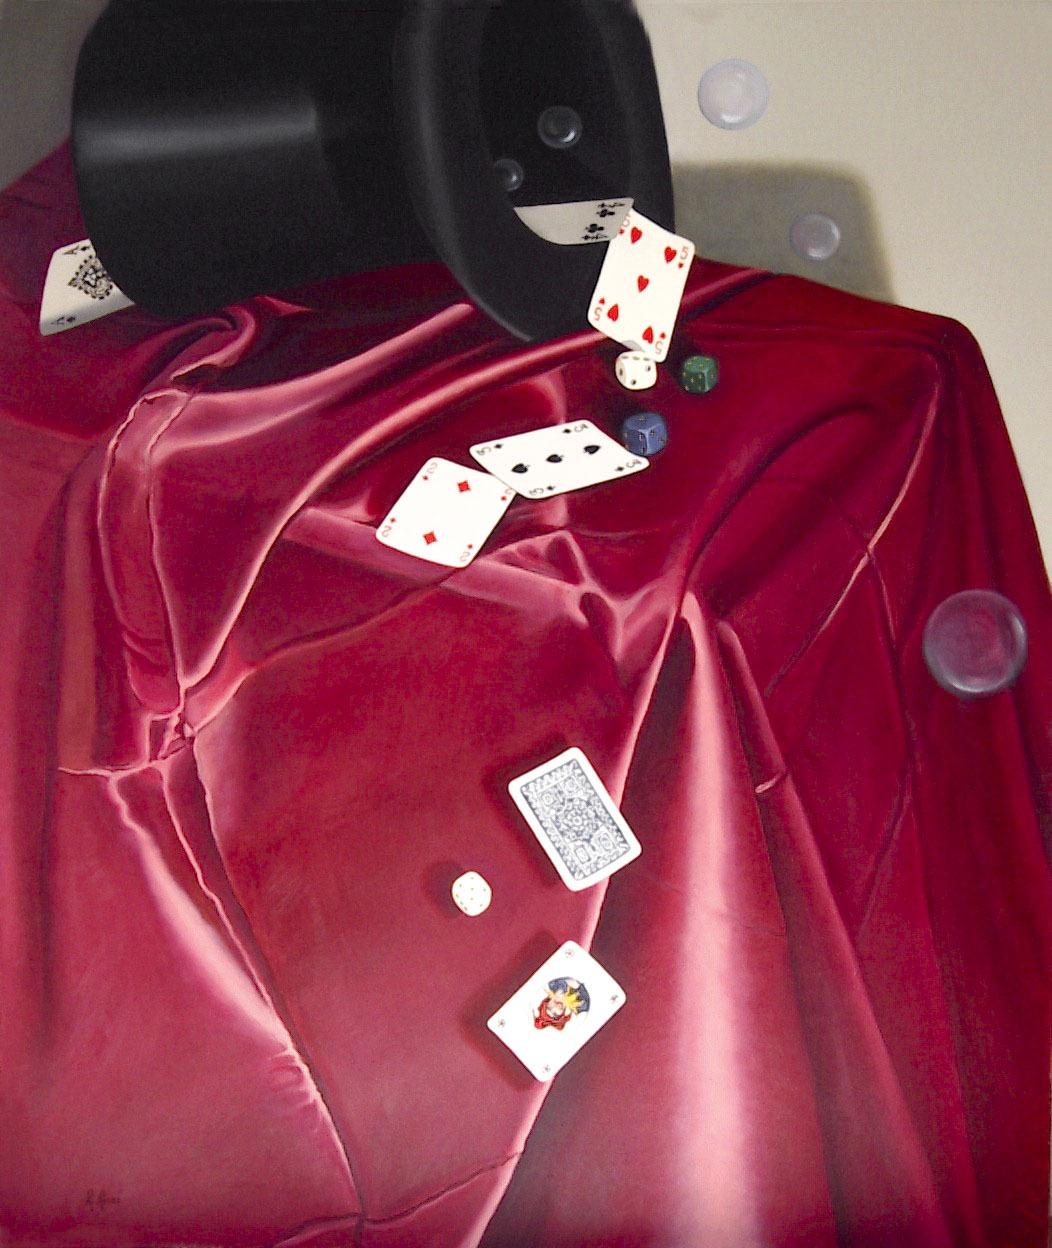 2004 roberta rossi - Magia del gioco - olio su tela - 60 x 70